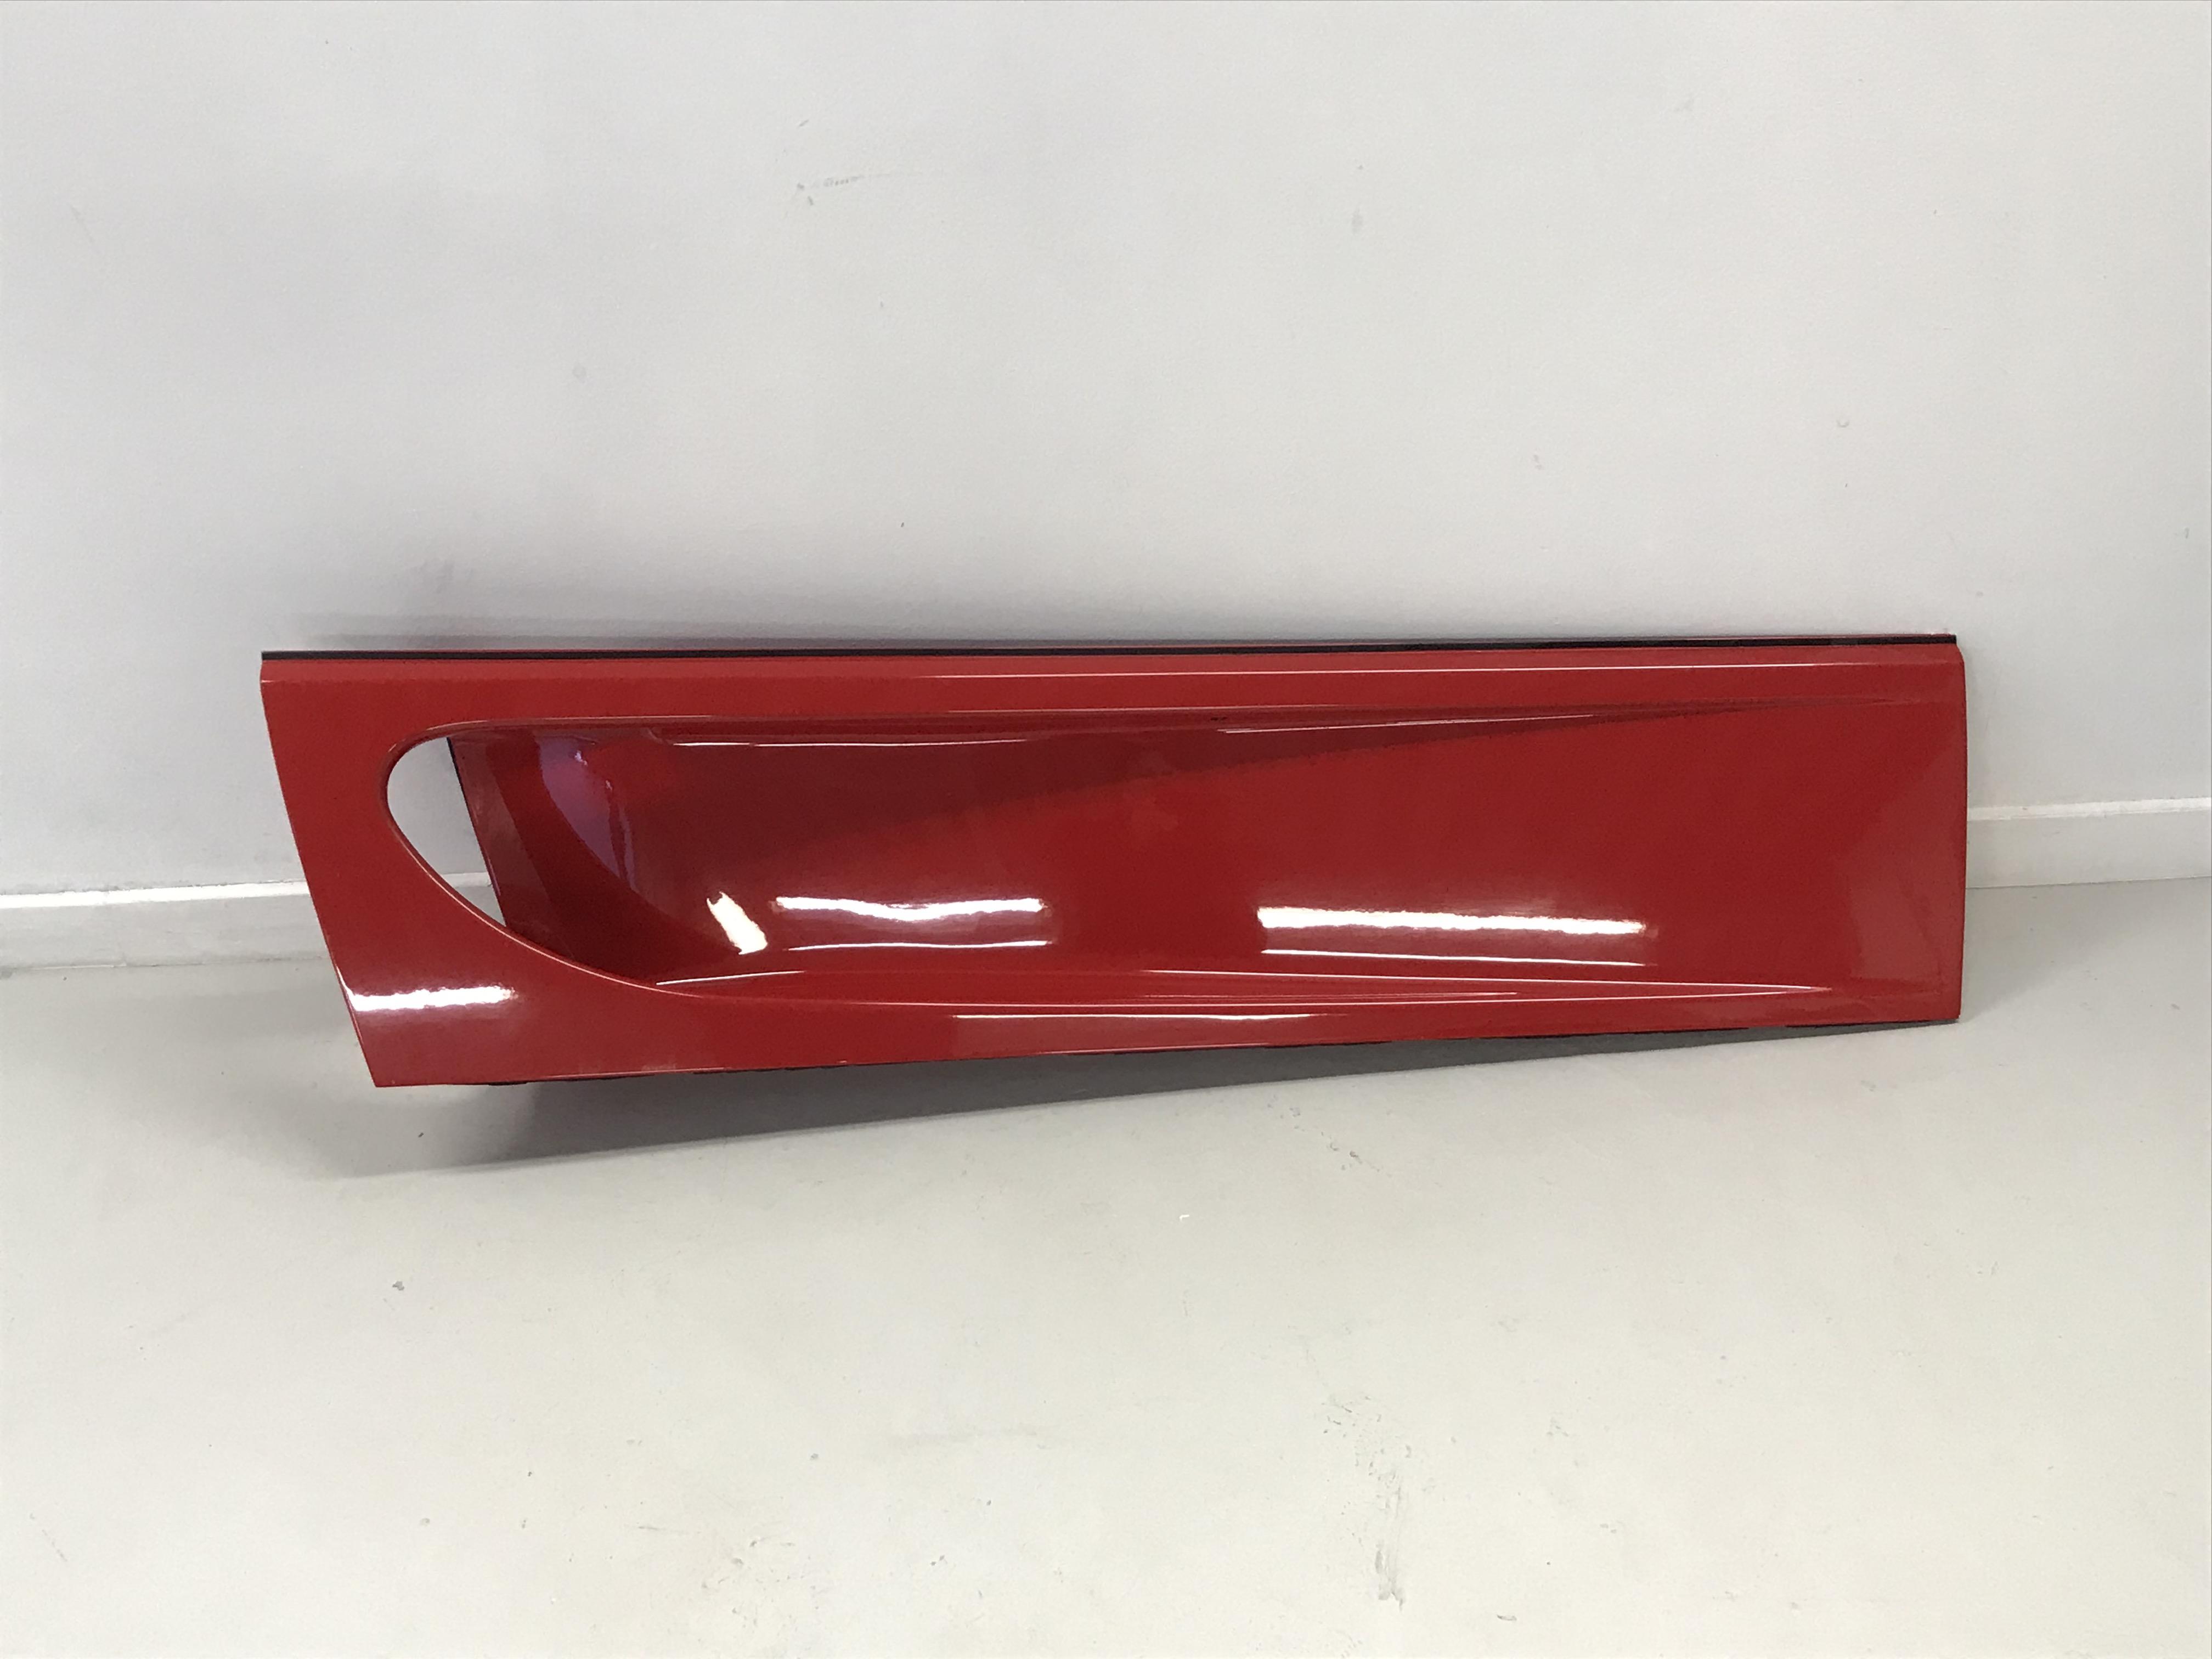 Ferrari 355 R.H door air intake grille